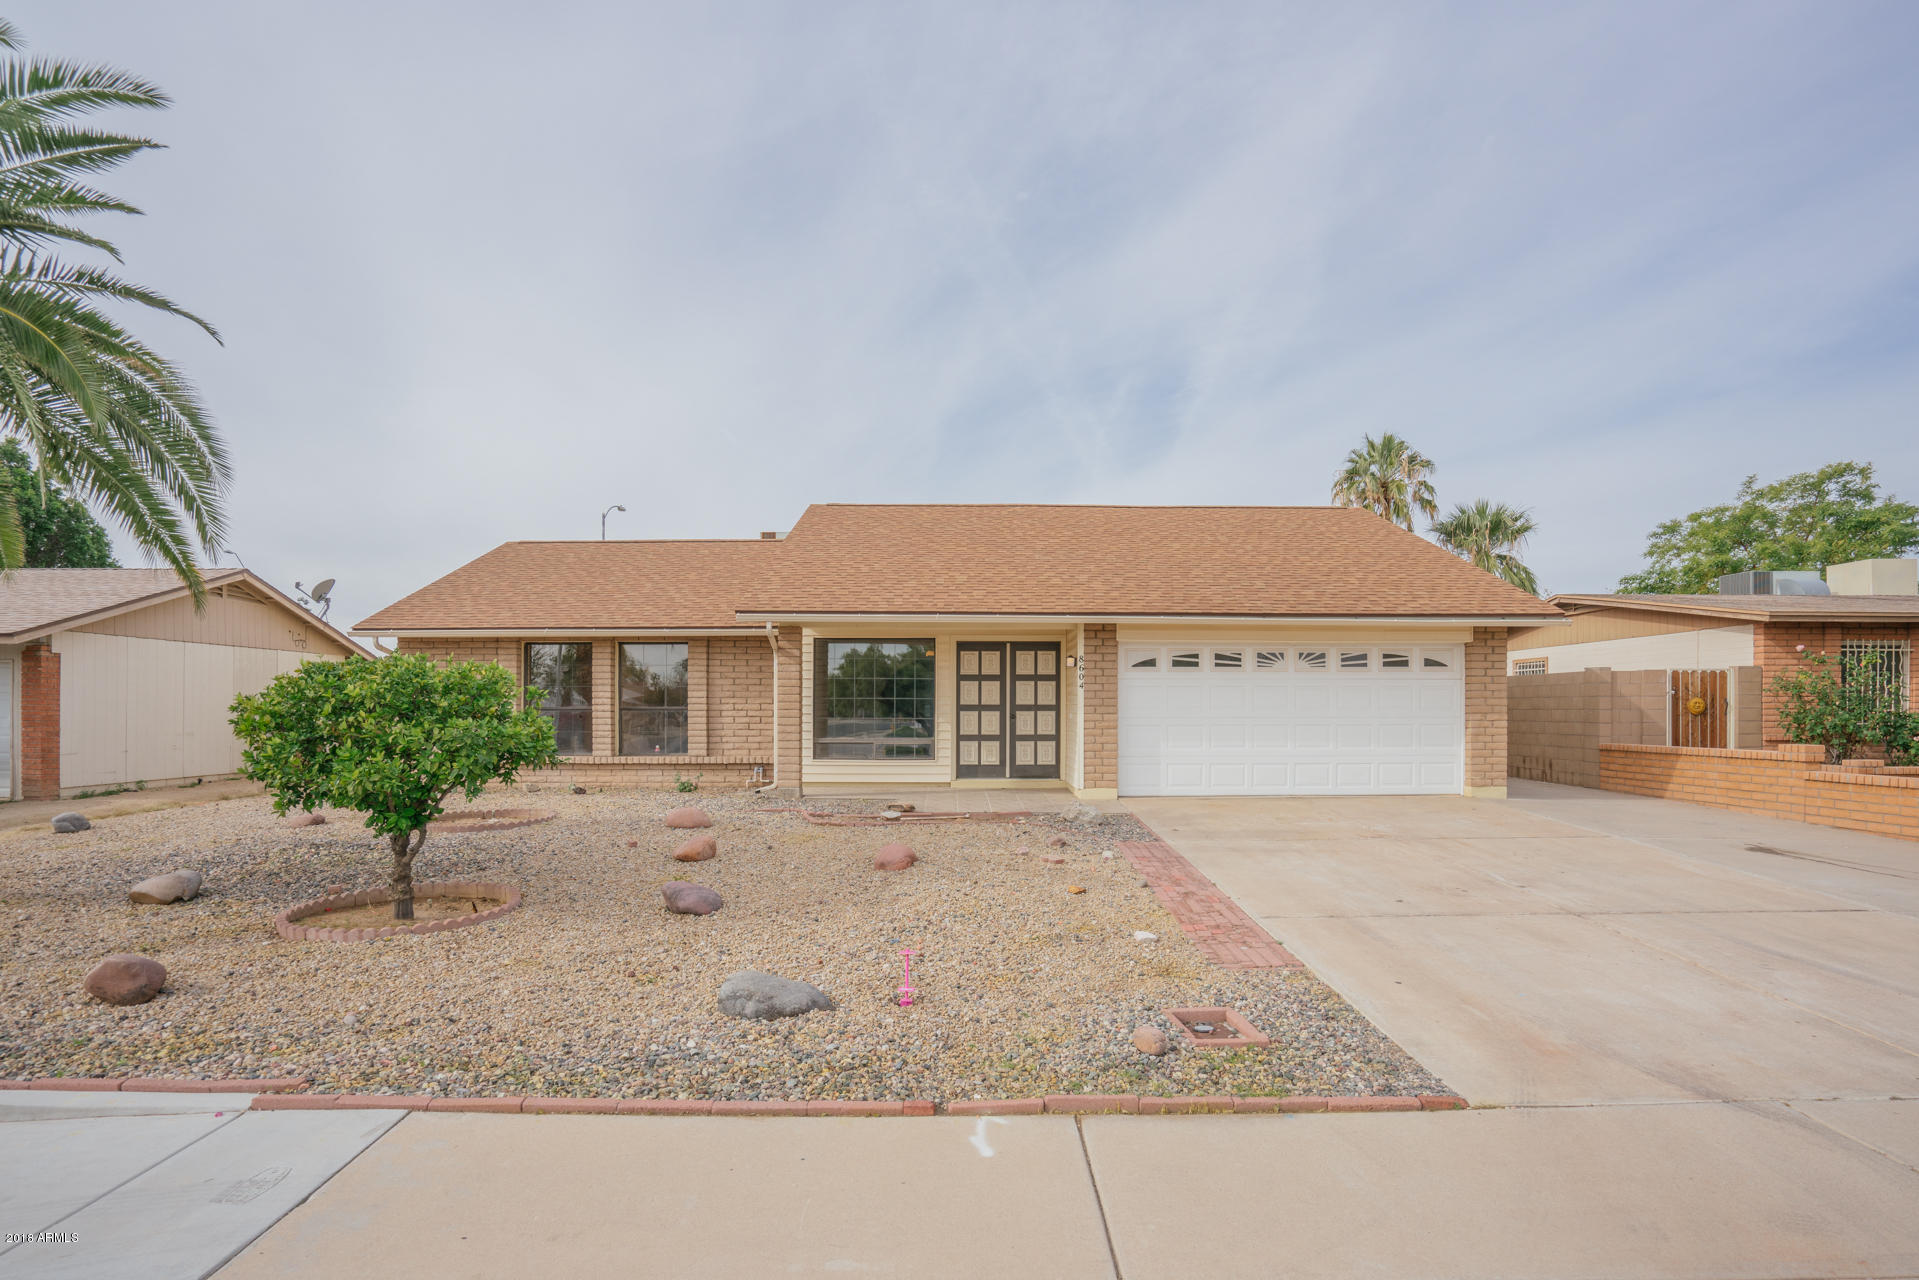 Photo of 8604 N 106TH Lane, Peoria, AZ 85345